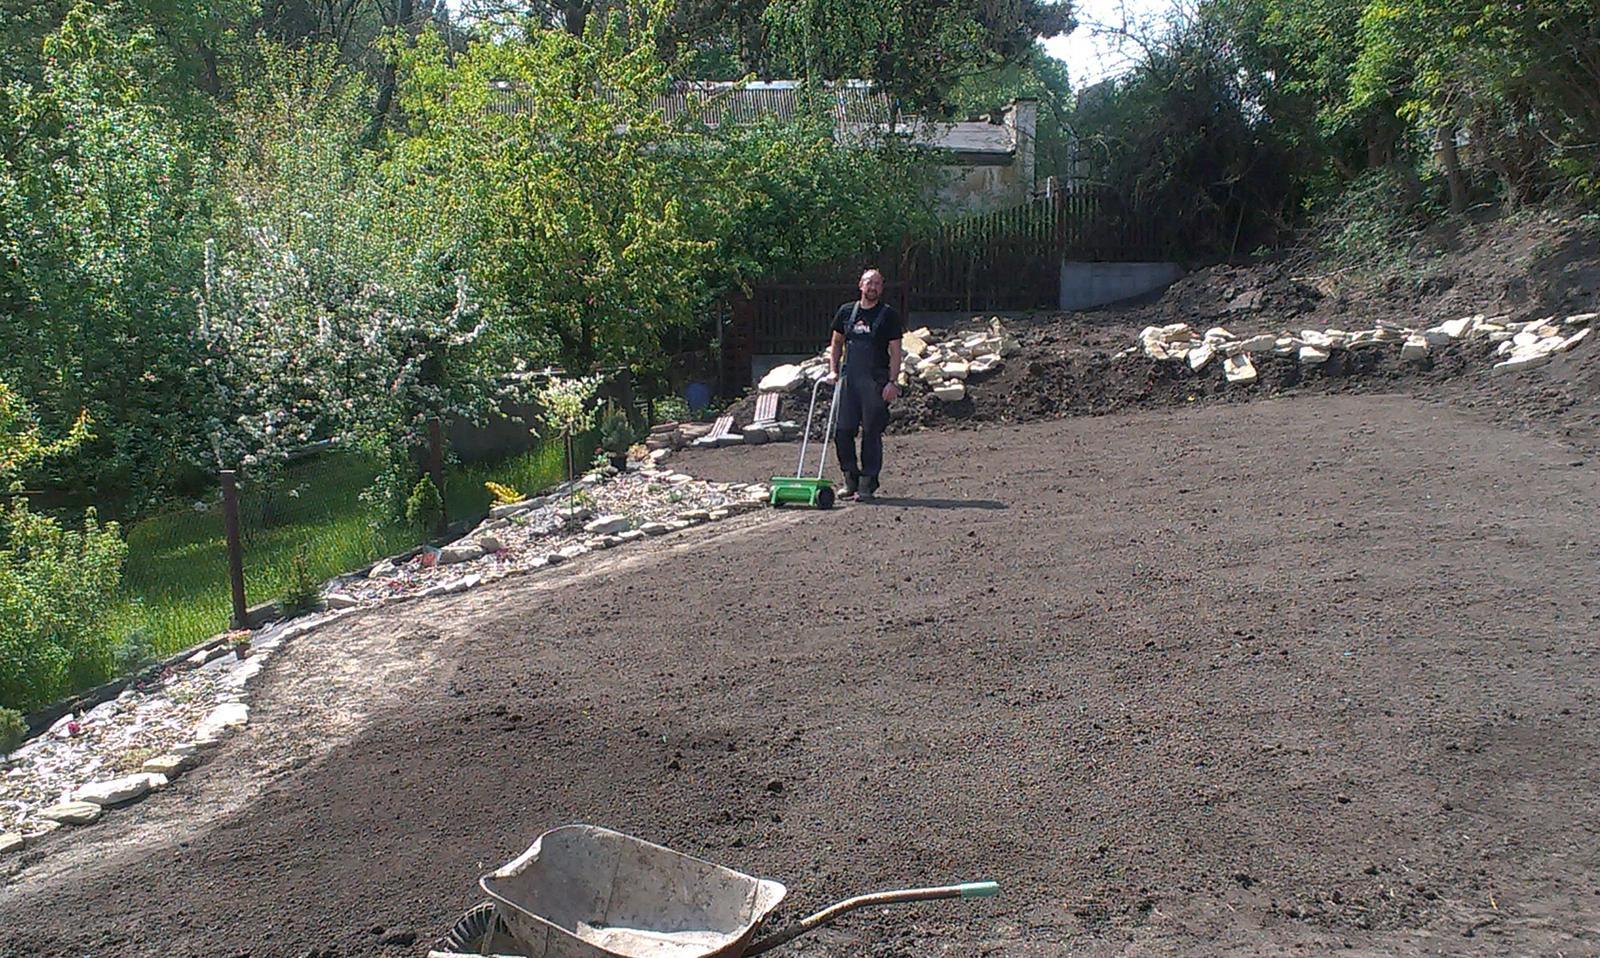 Záhrada - trááávnik - sejeme konečne!